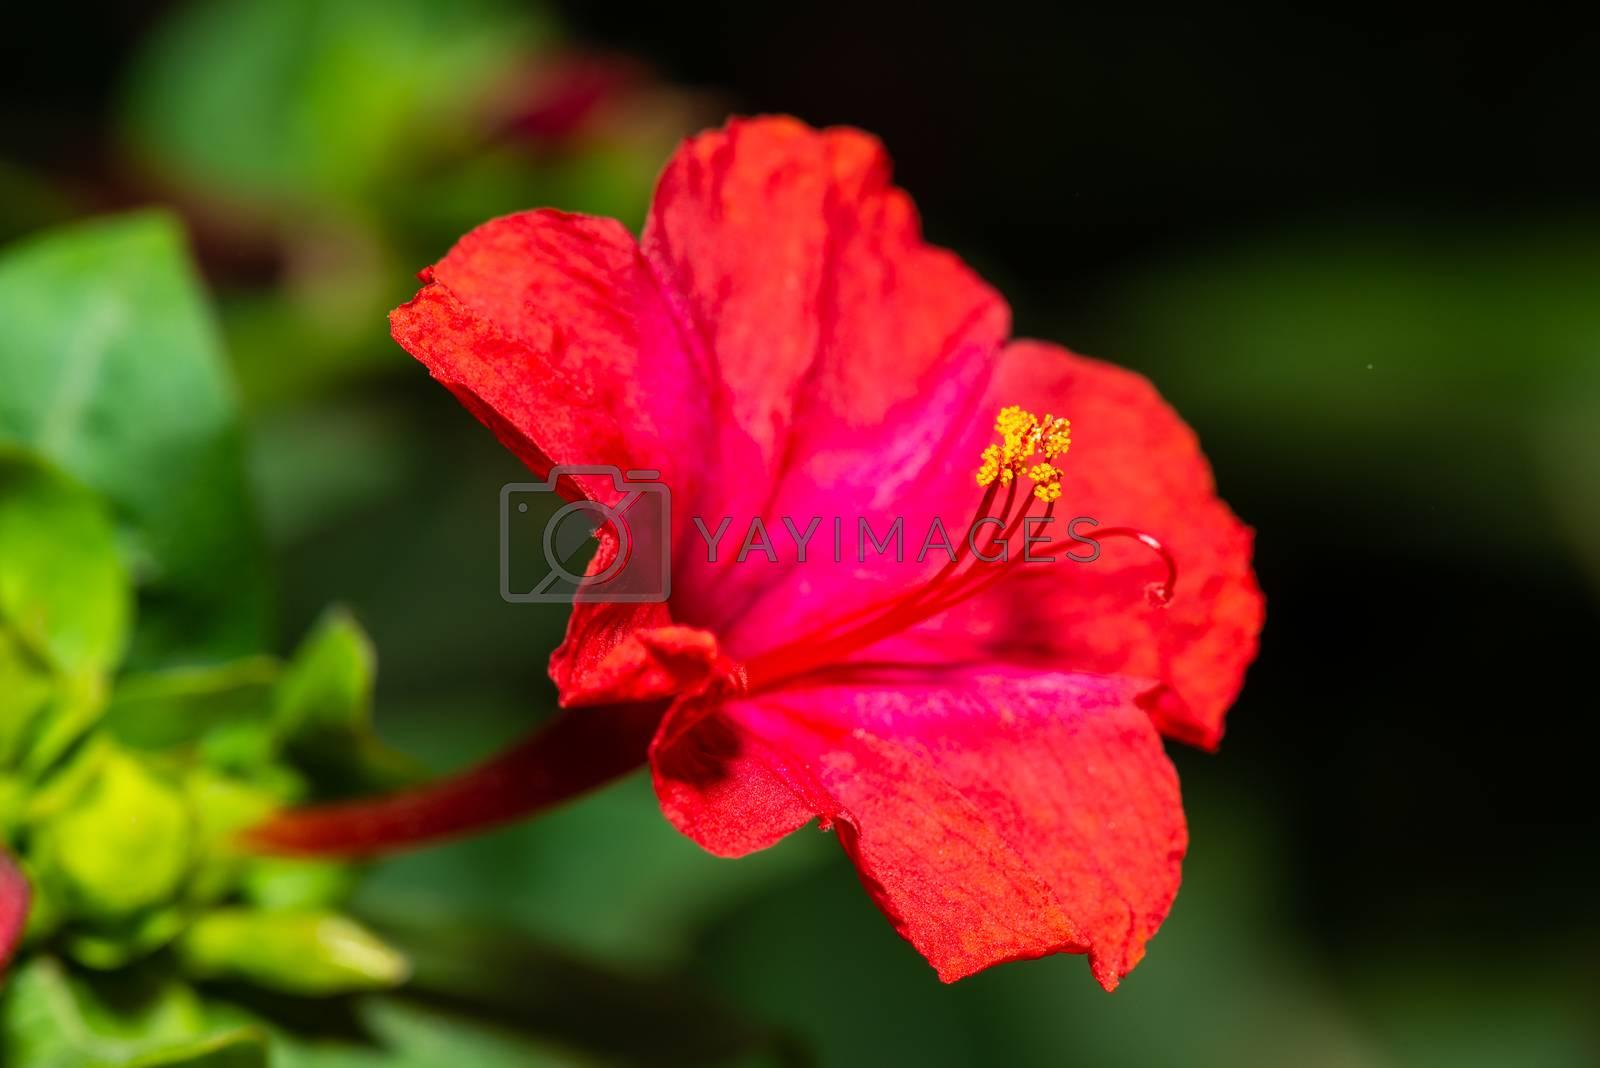 Red four o'clock flower (Mirabilis Jalapa) macro shot